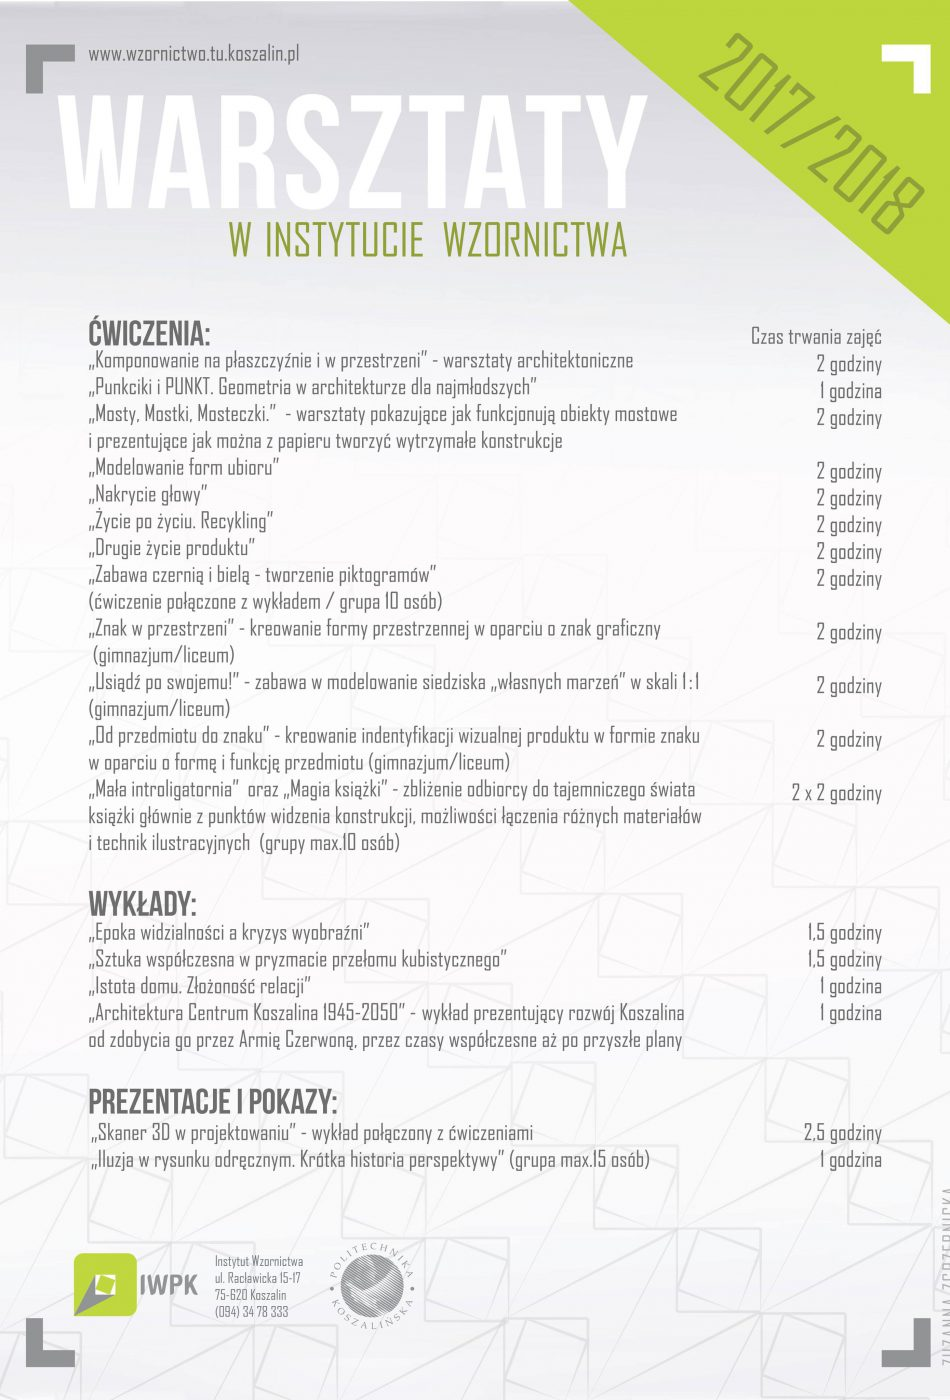 warsztaty_instytut wzornictwa_tematy